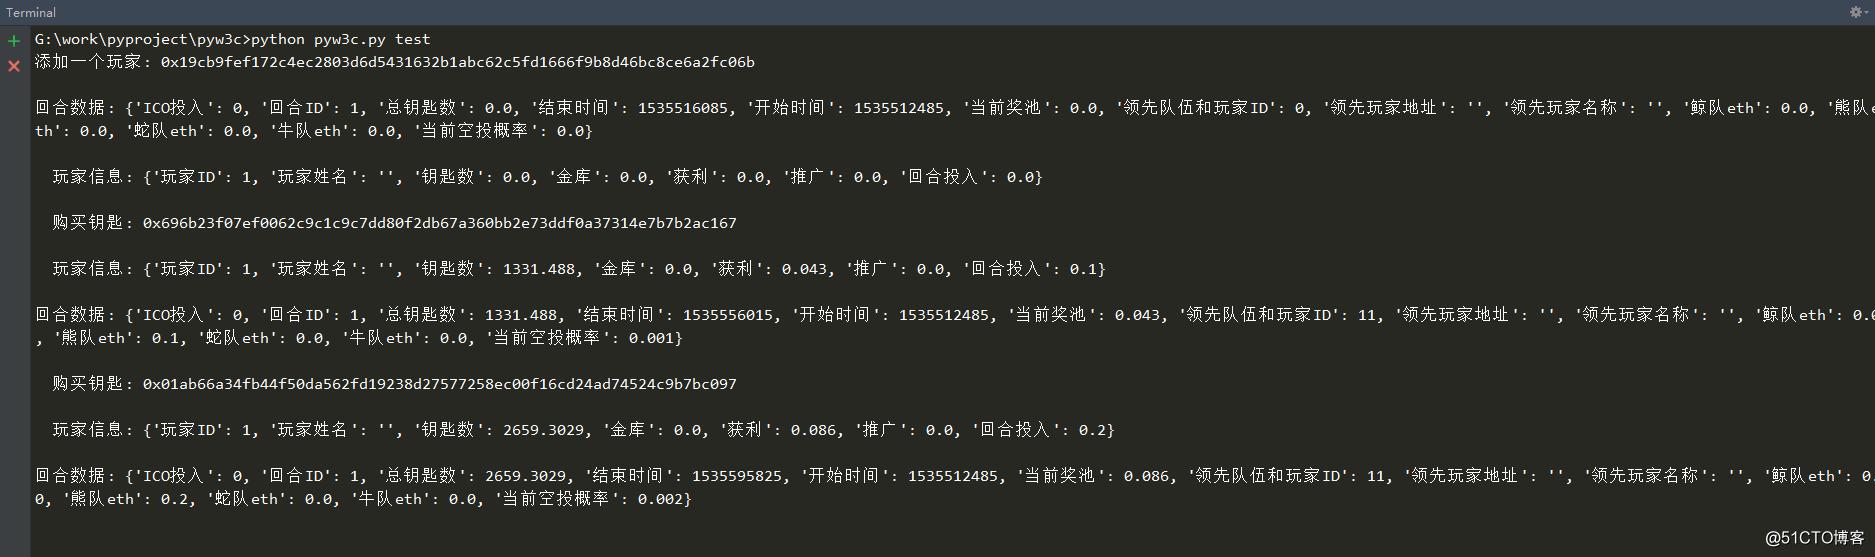 区块链游戏FOMO3D智能合约核心分析